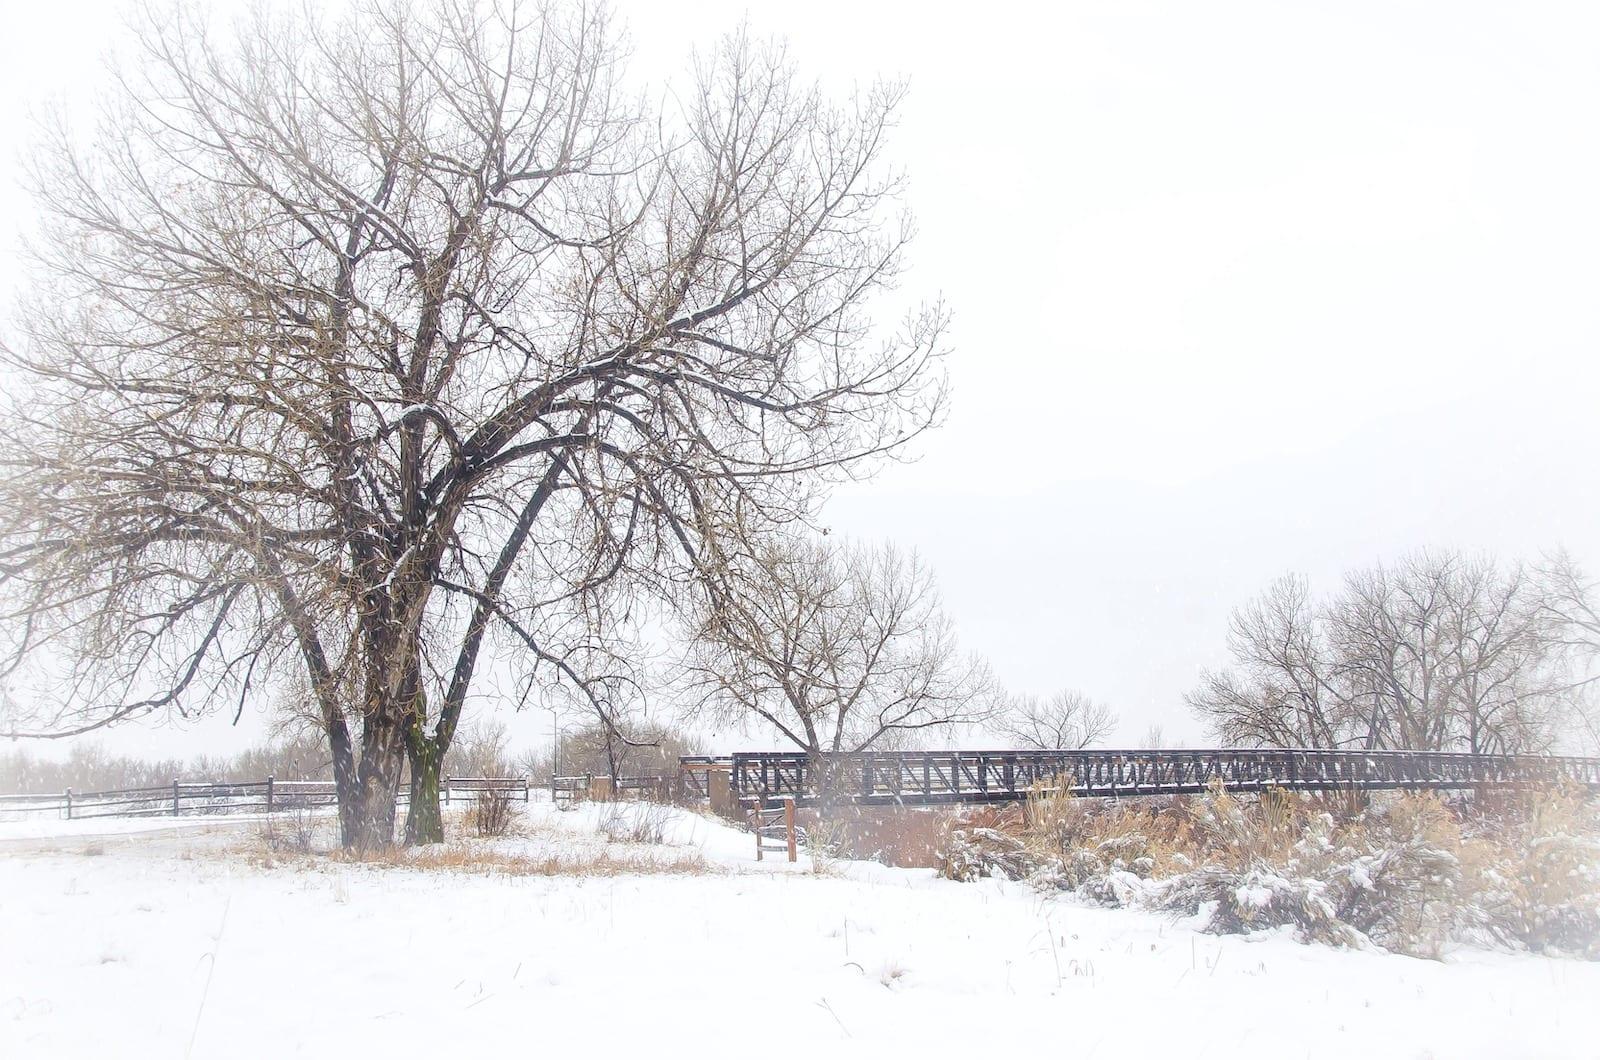 Carson Nature Center Winter Day Bridge over South Platte River